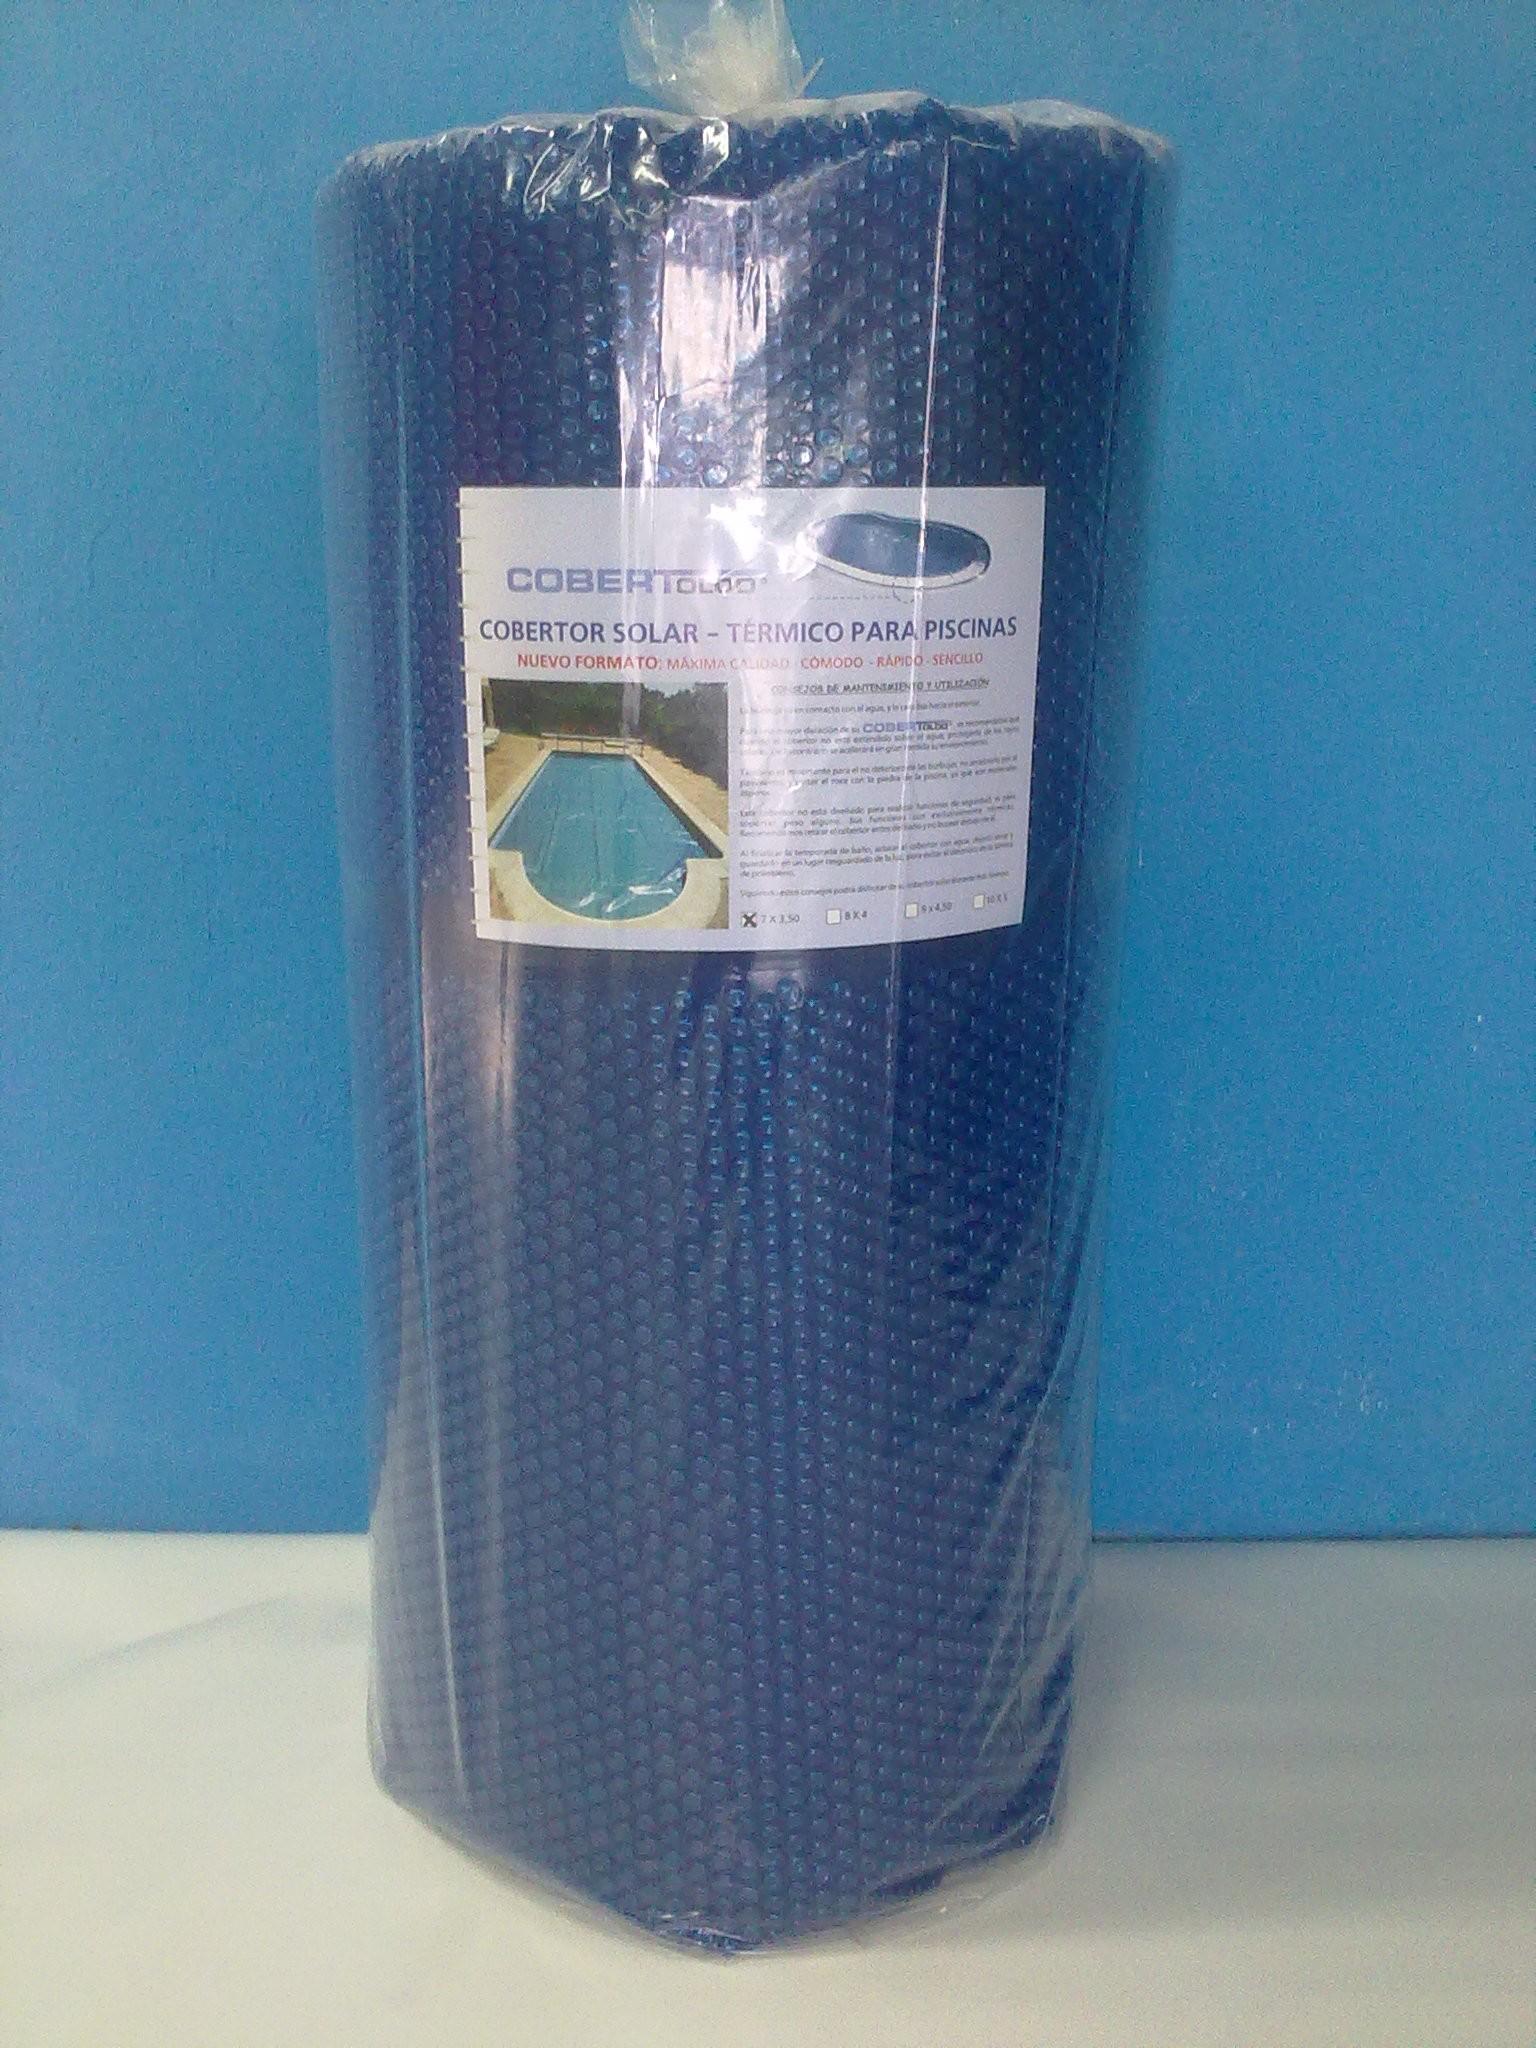 Cobertor solar o manta t rmica cobertores for Cobertor solar piscina